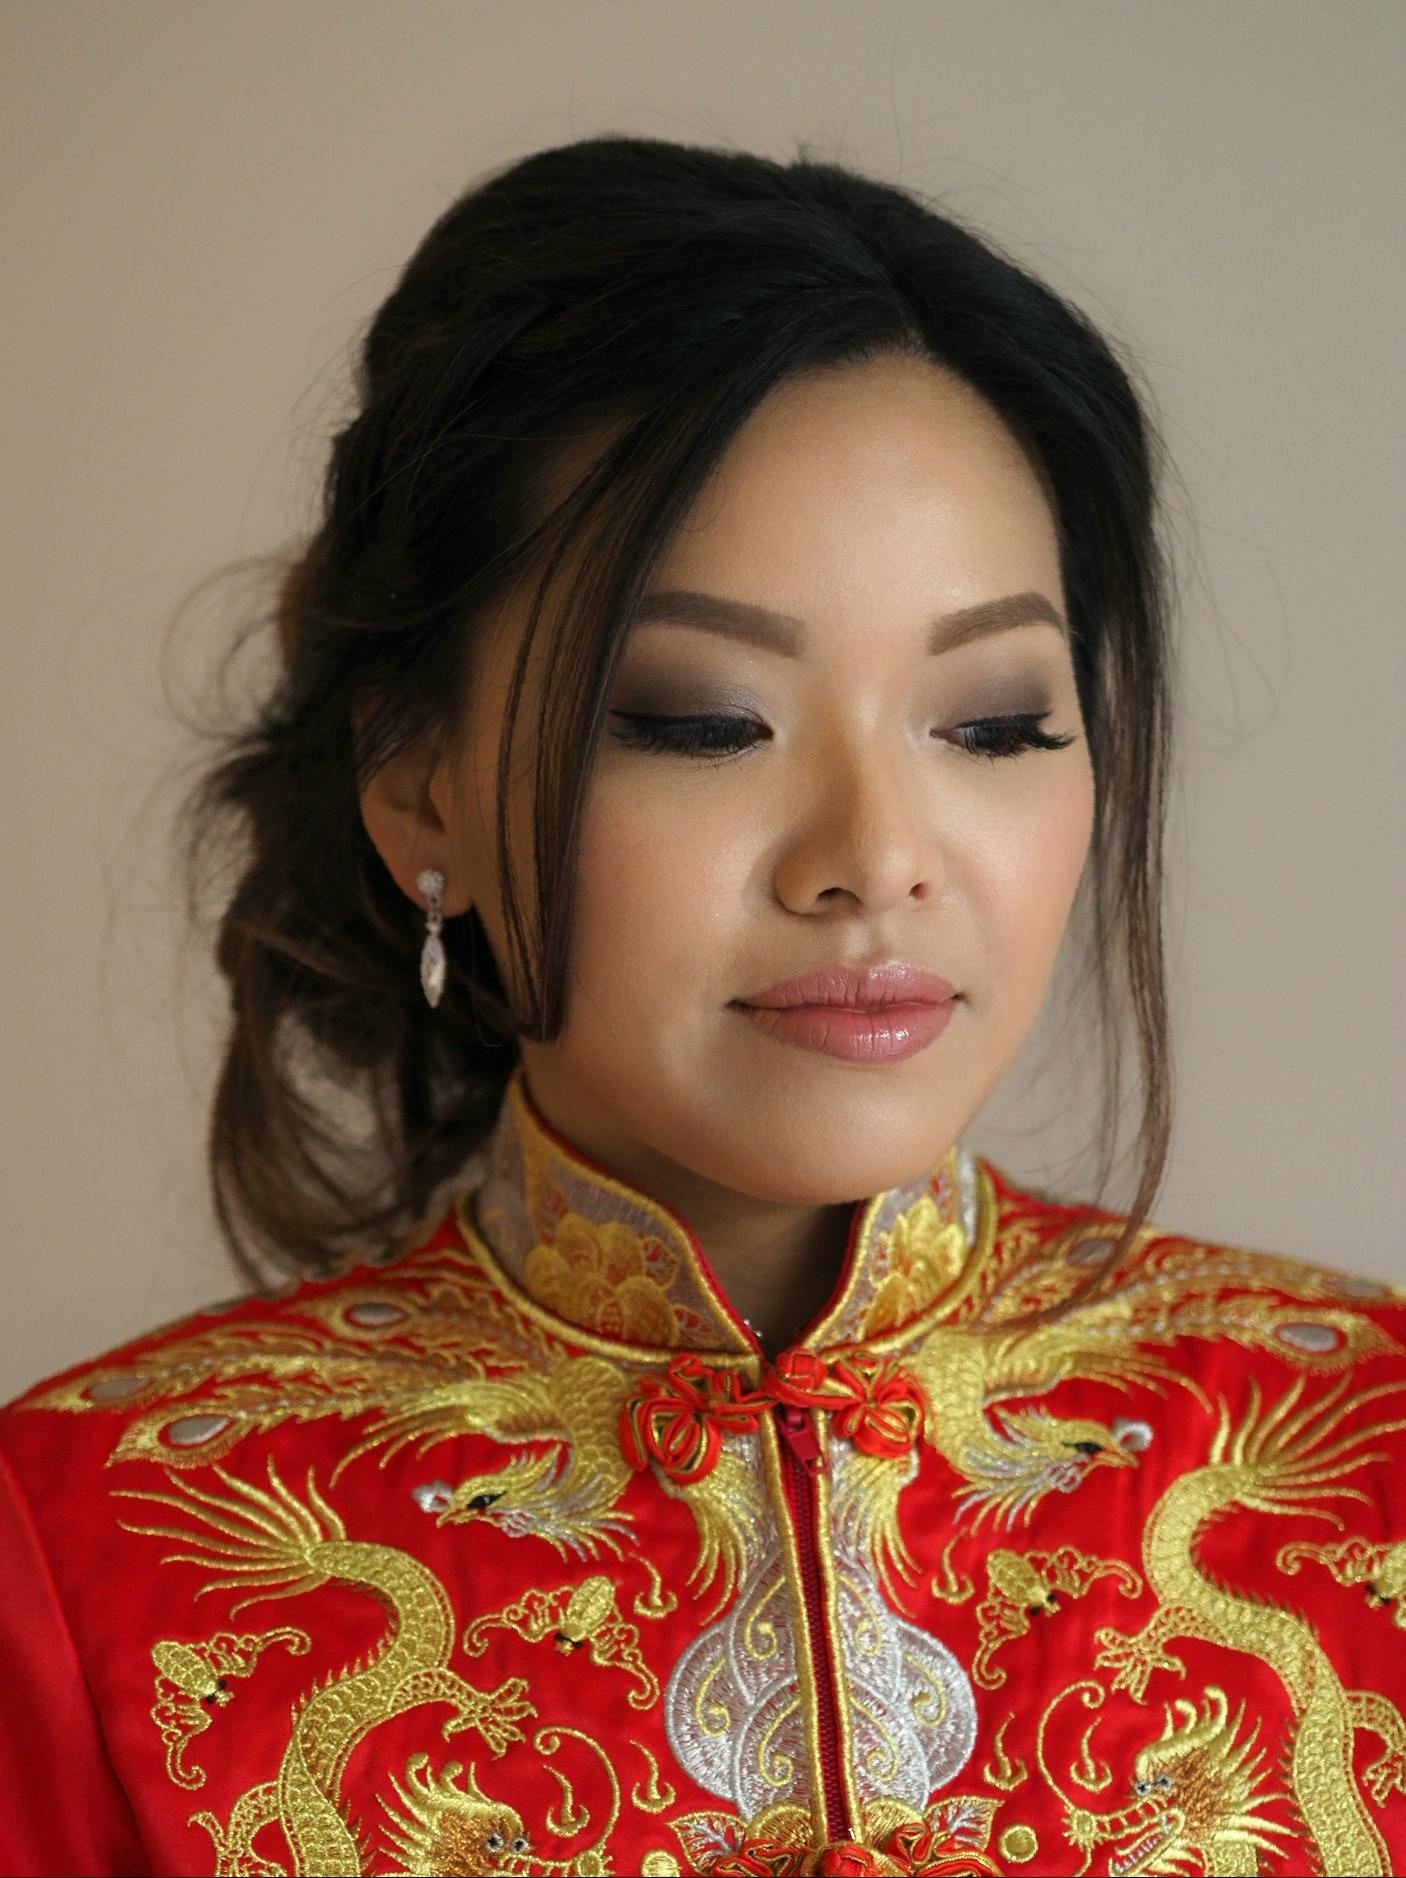 Chinese bride wedding Toronto Markham